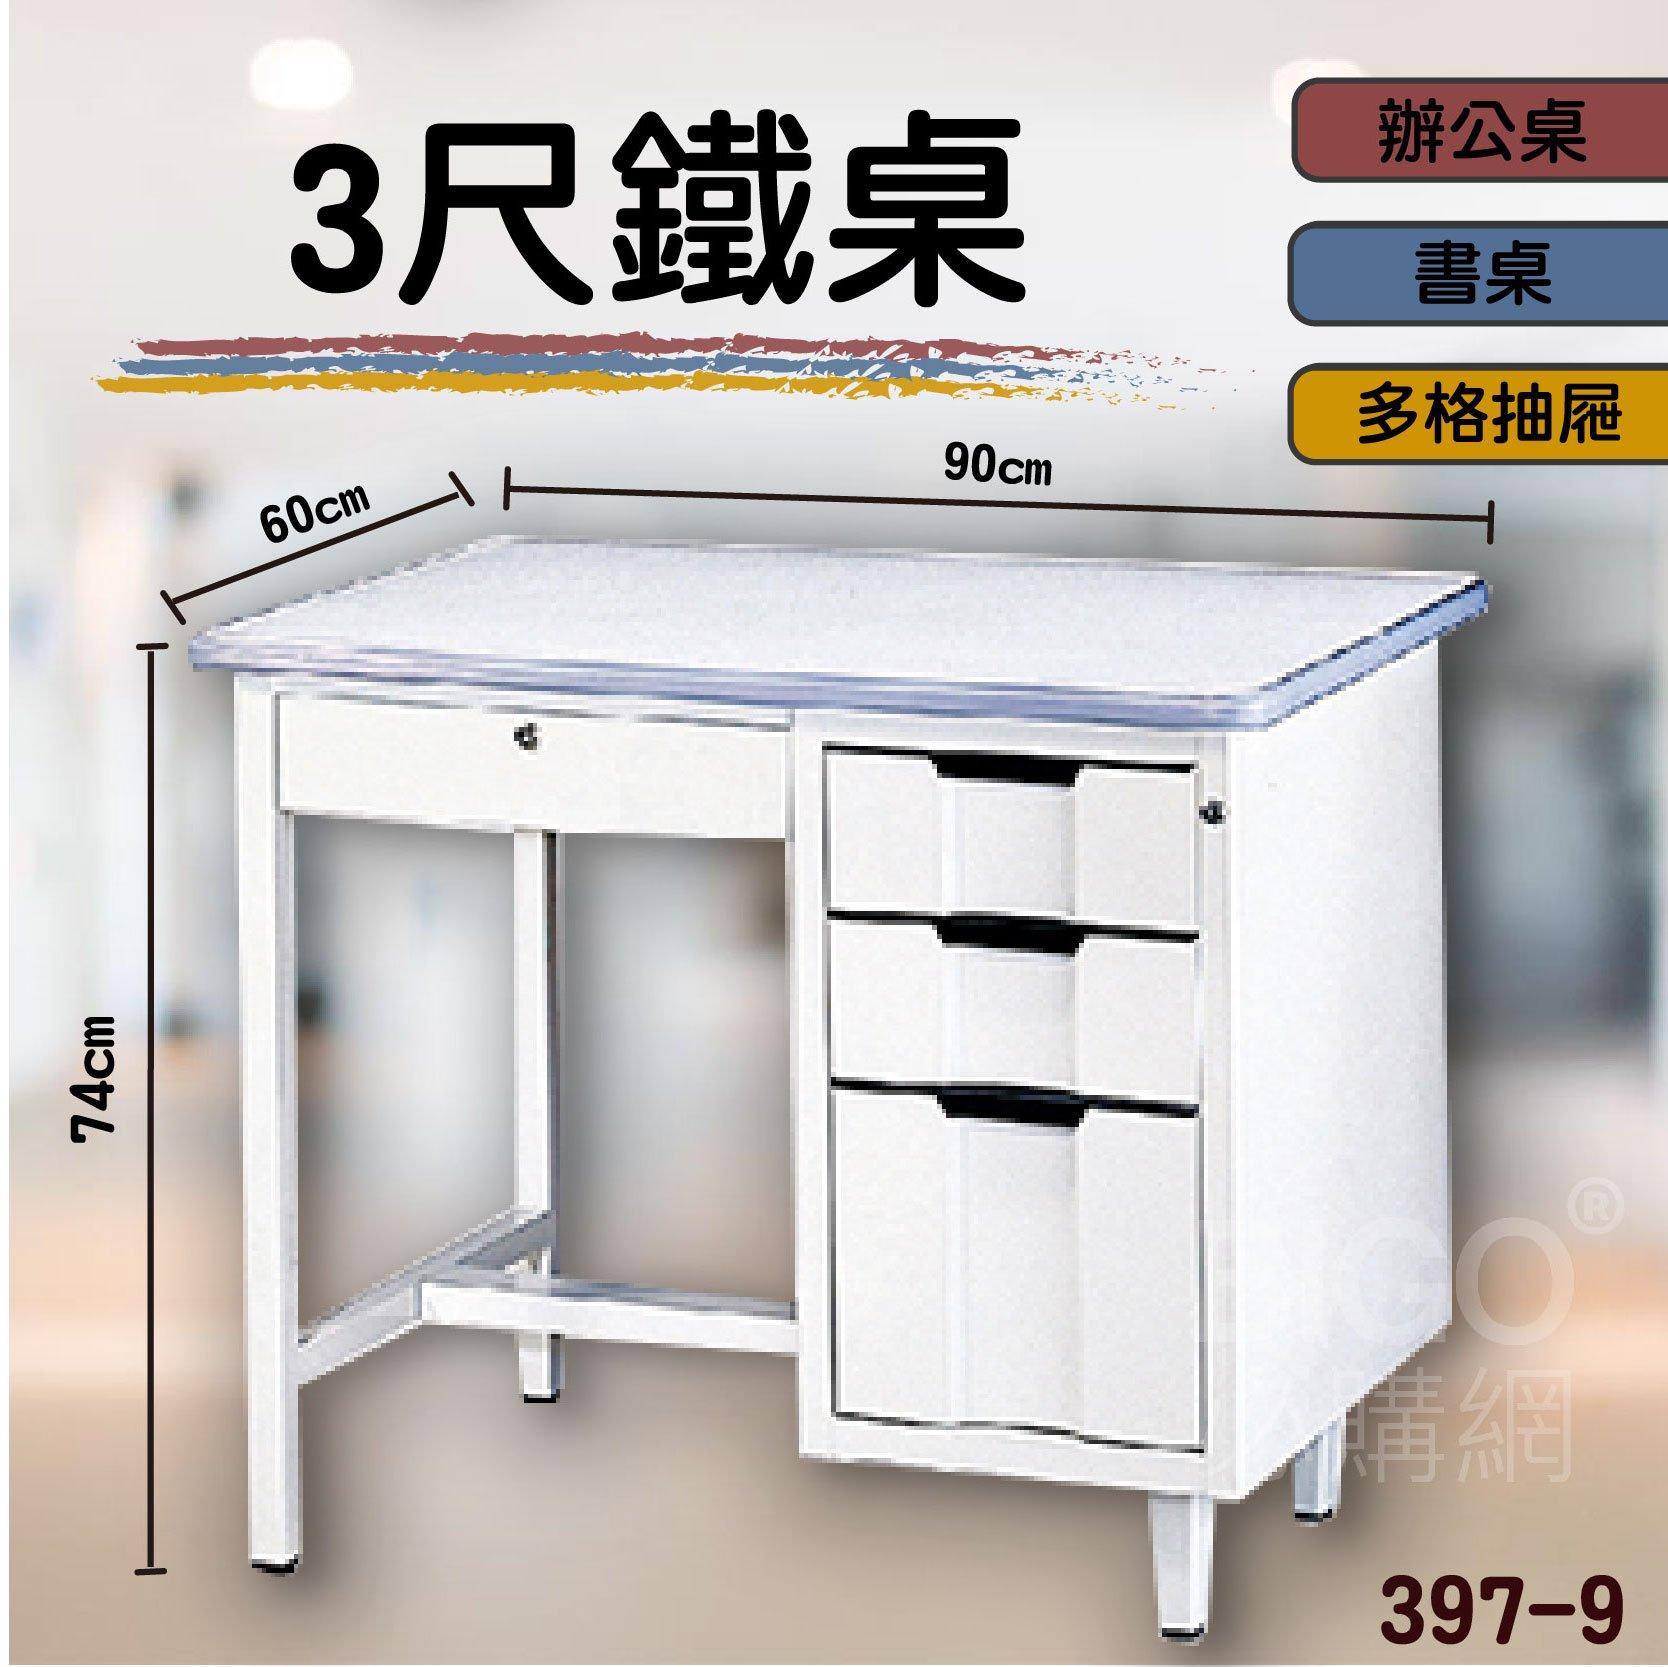 !3尺鐵桌 397-9 (會議室 辦公室 學校  活動櫃 抽屜櫃 辦公桌 電腦桌 桌子)